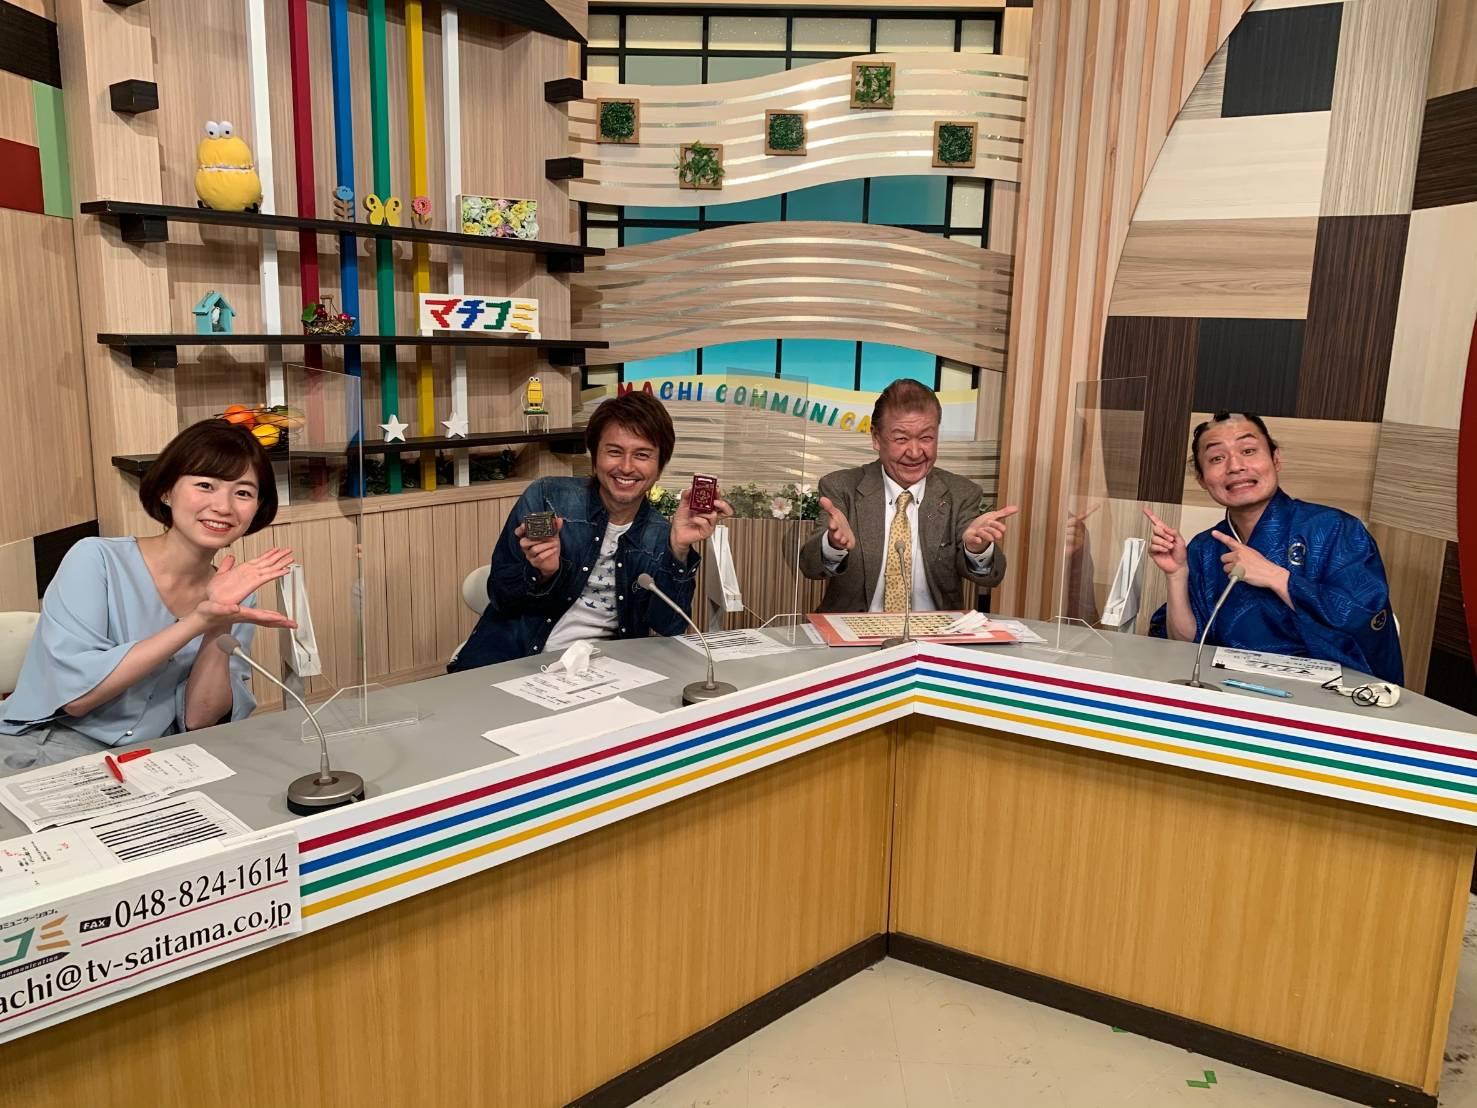 テレ玉(テレビ埼玉)様の番組「マチコミ」に、木曜日キャスター竹本孝之さんの放送日「お取り寄せ俱楽部」に出演いたしました。